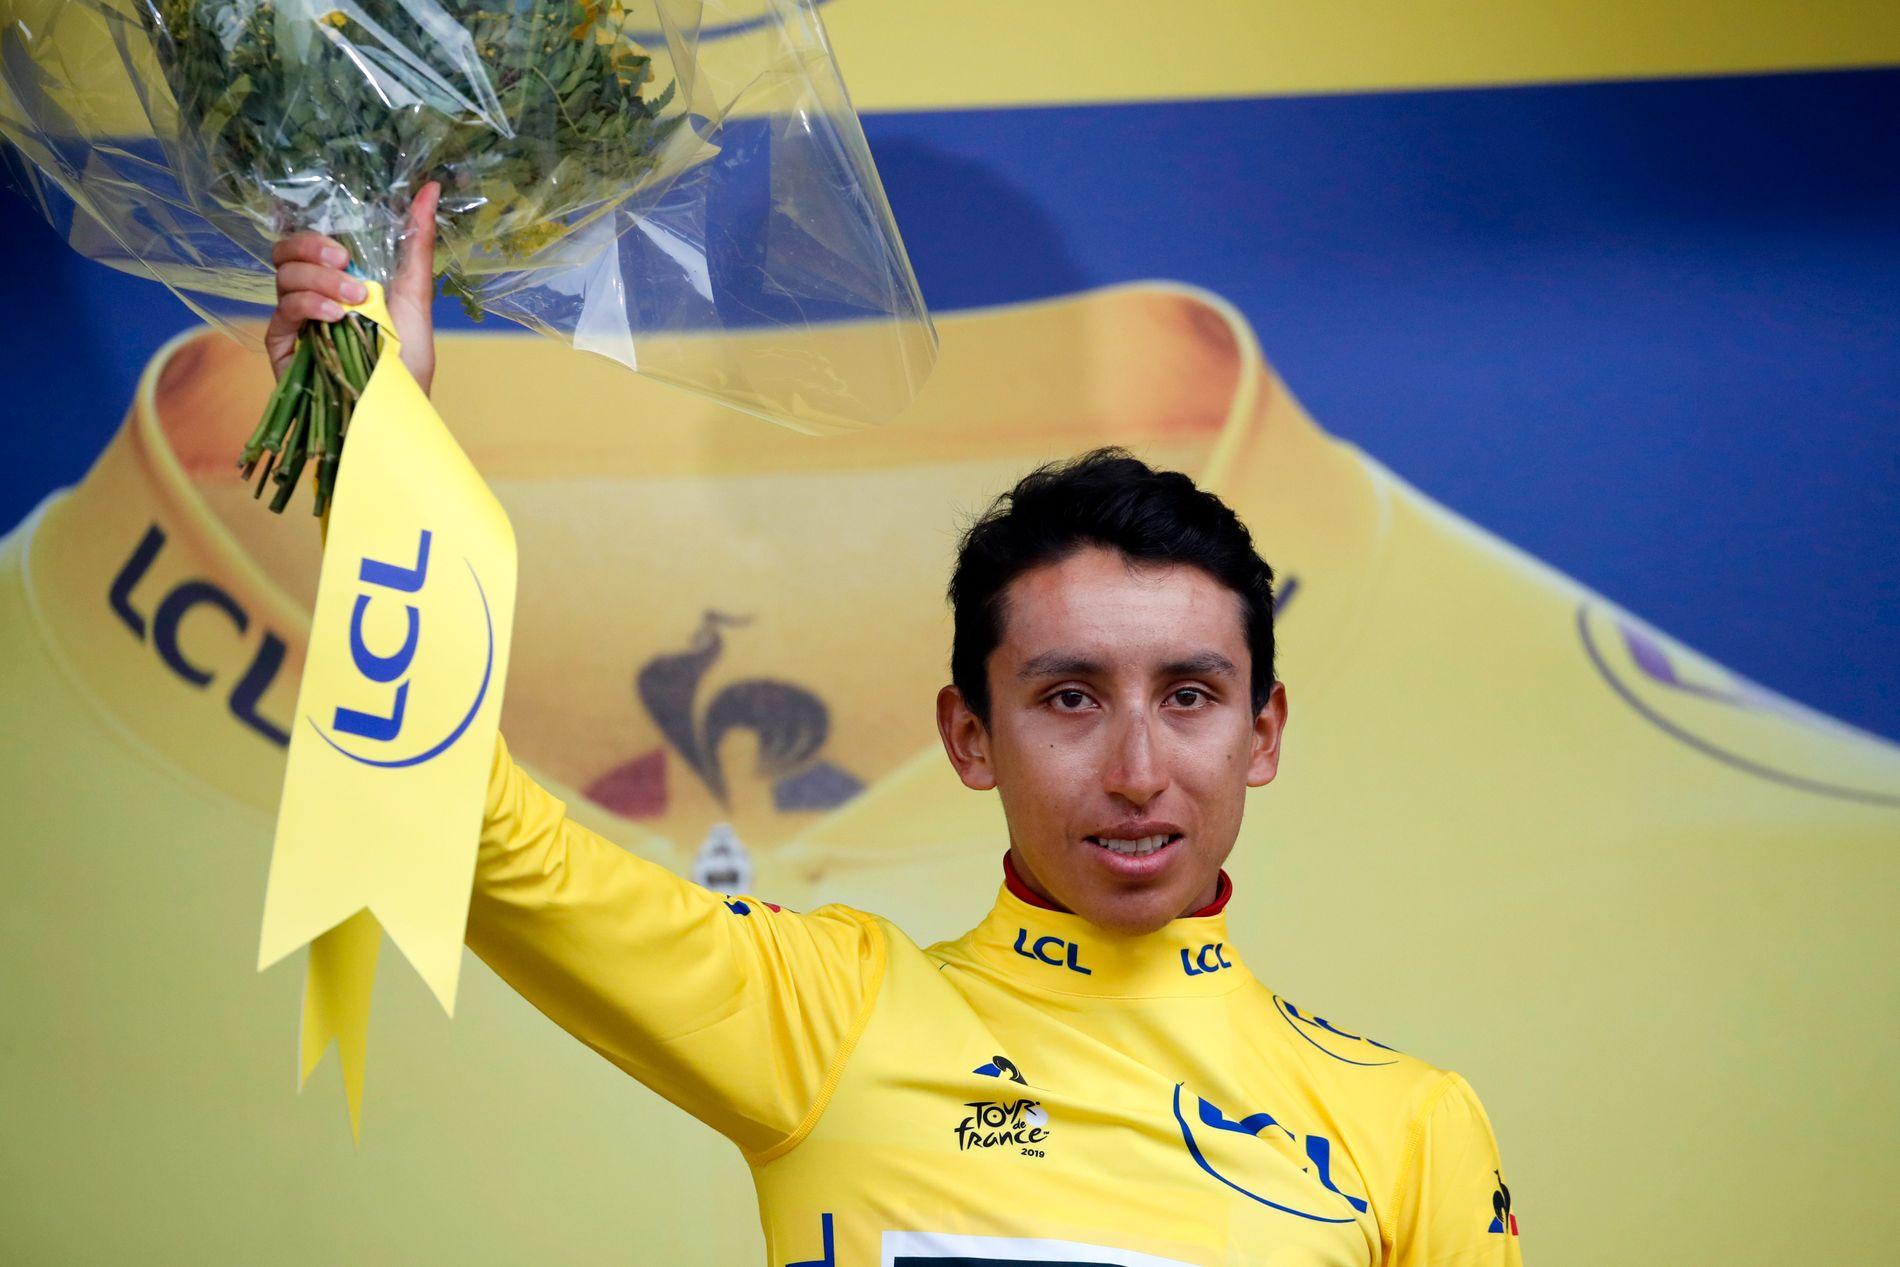 NY LEDER: Egan Bernal poserer på toppen av podiet etter en høydramatisk 19. etappe i Tour de France.